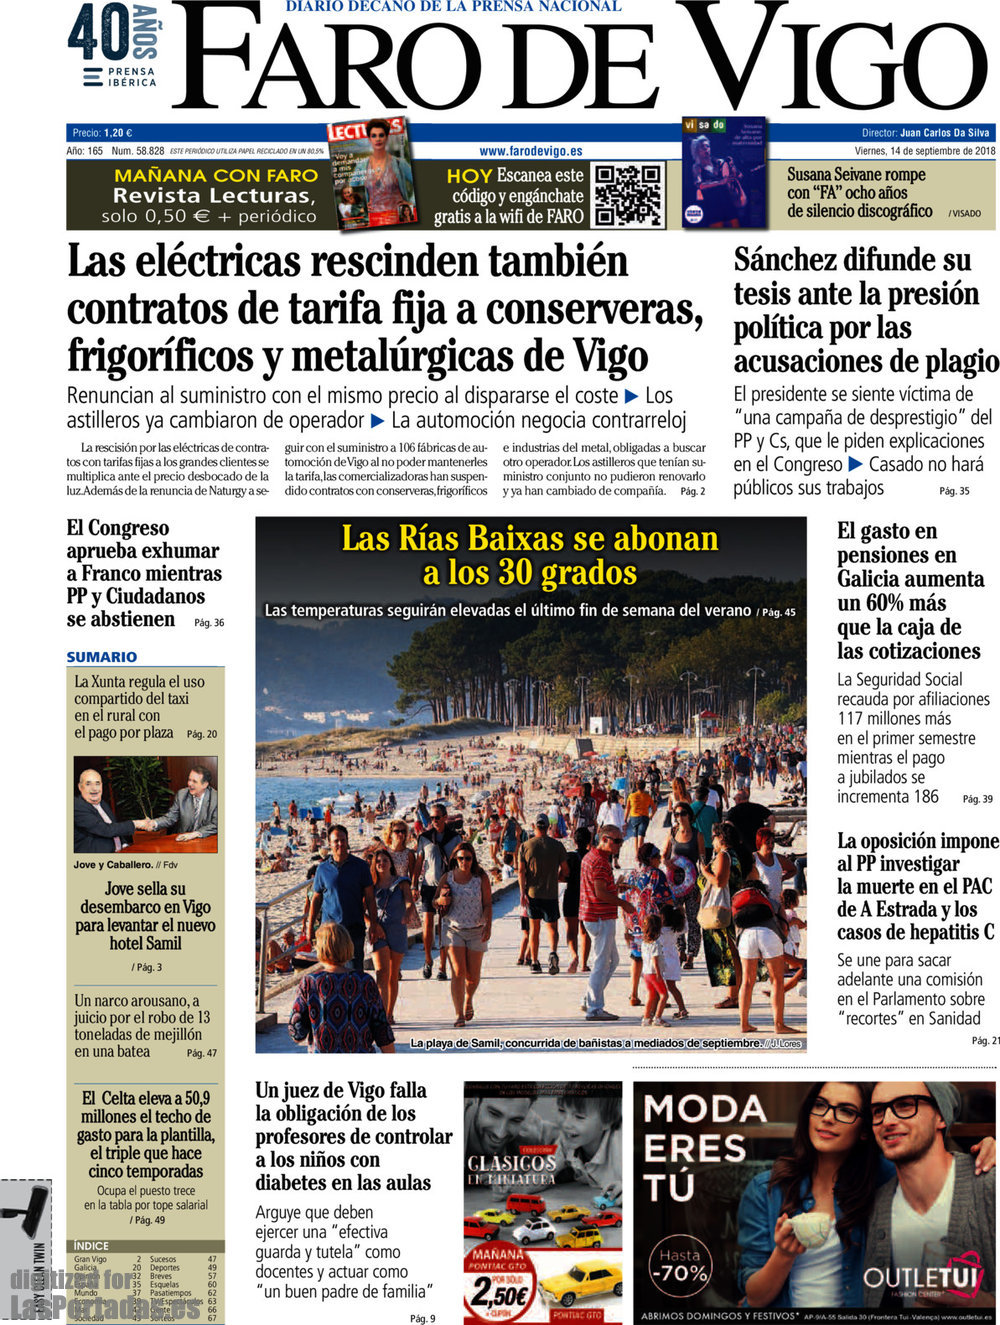 Periodico Faro de Vigo - 14/9/2018